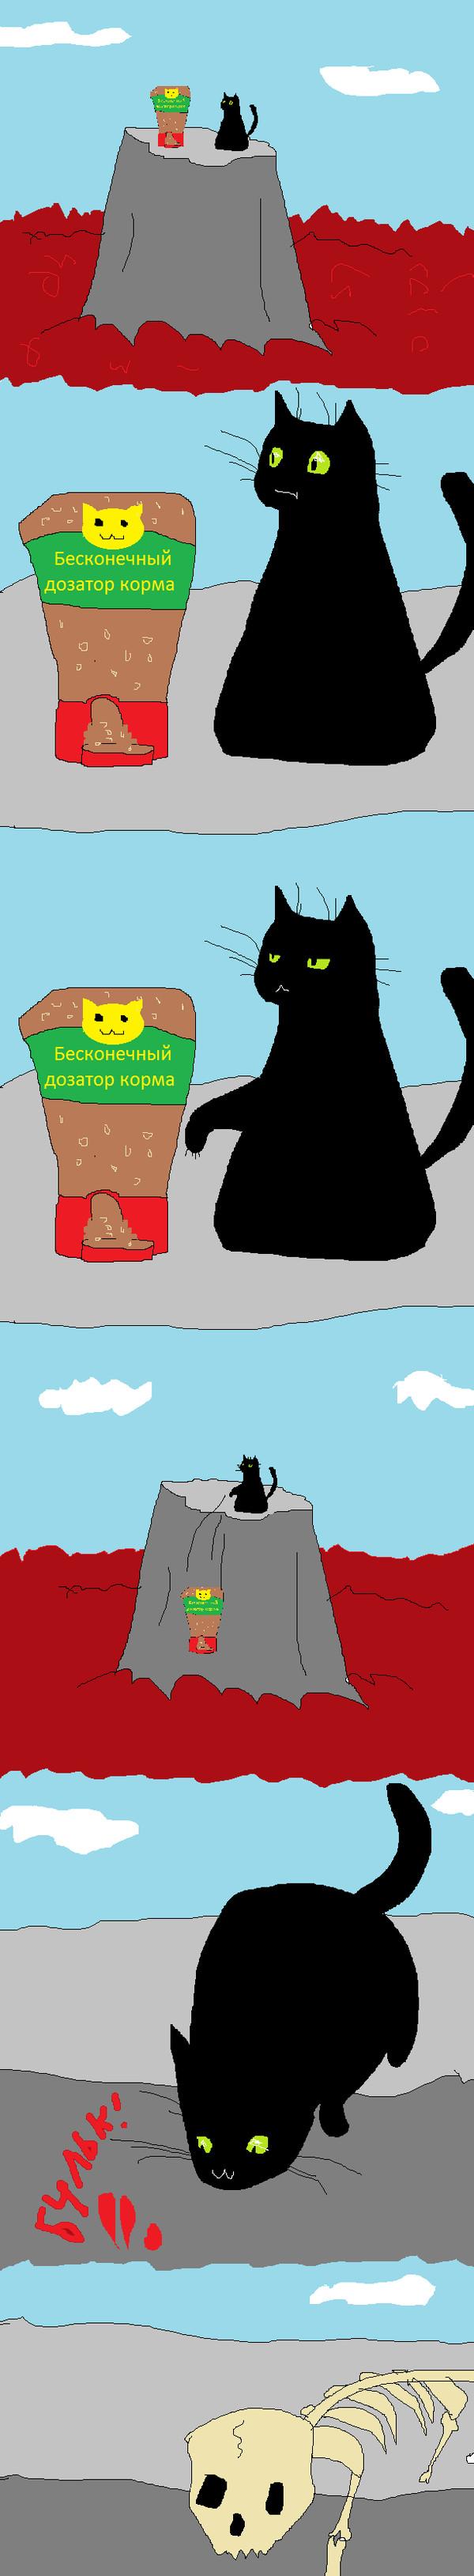 Кошачьи привычки Кот, Paint master, Смерть, Длиннопост, Комиксы